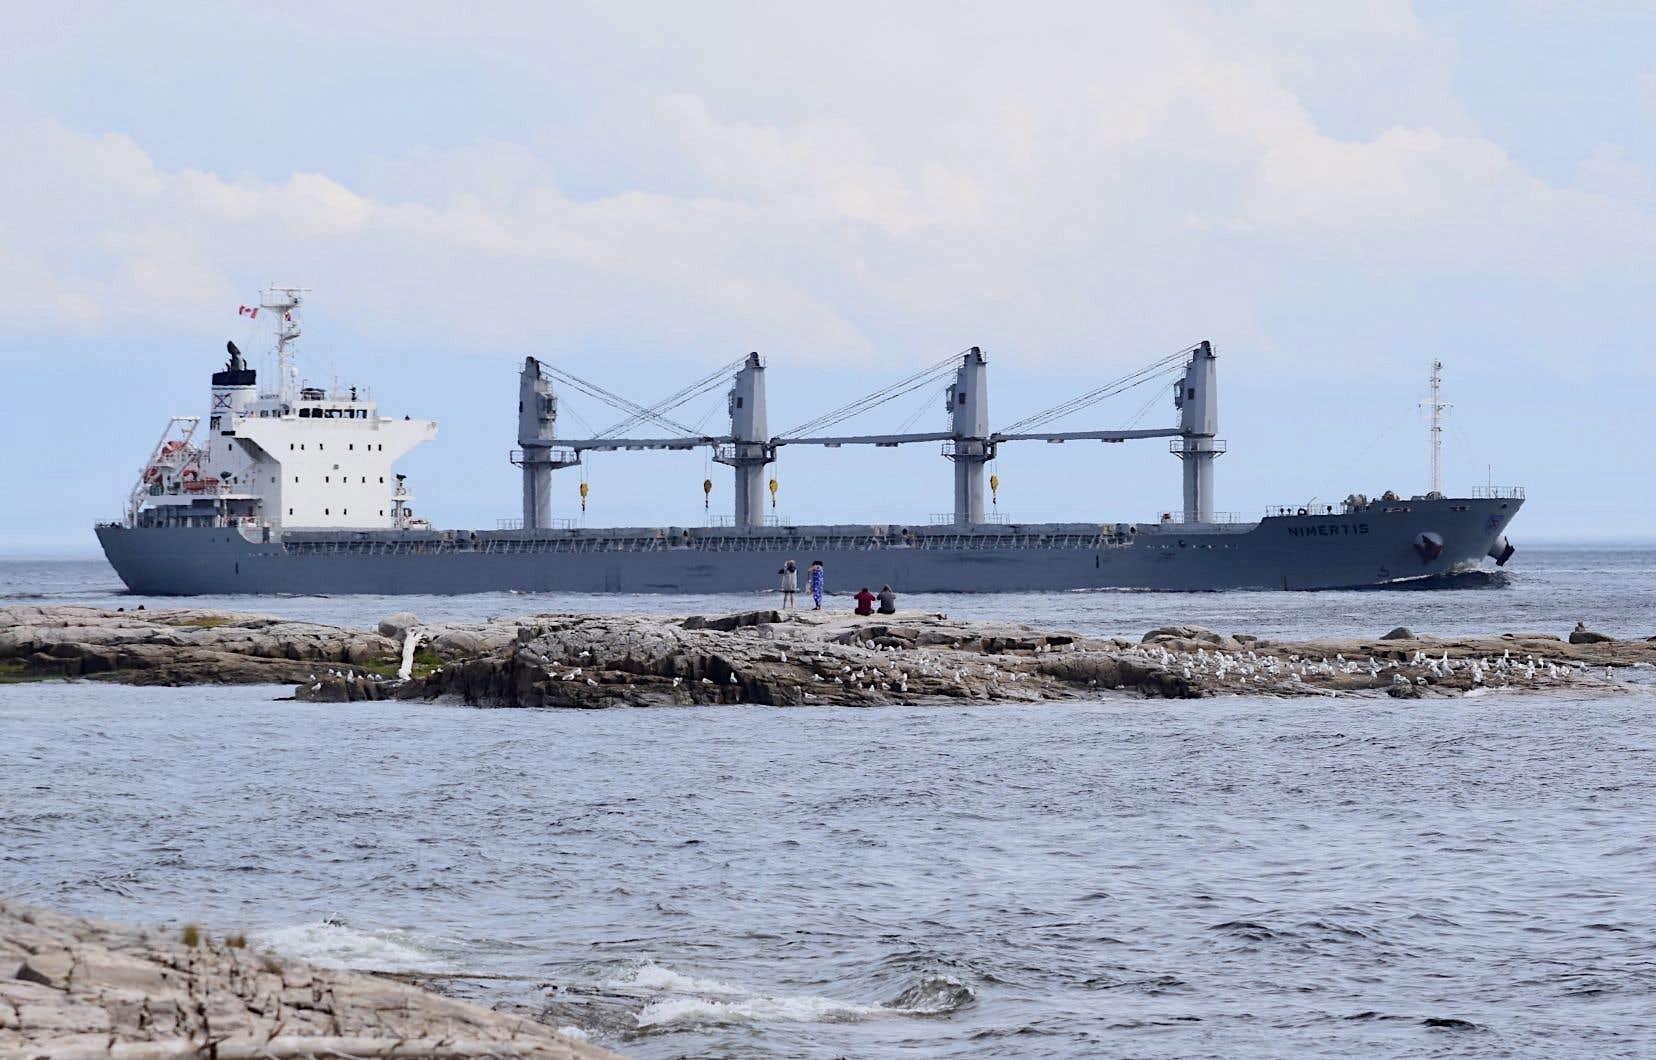 Le projet GNL Québec impliquerait une hausse du trafic maritime industriel dans le parc marin du Saguenay–Saint-Laurent.